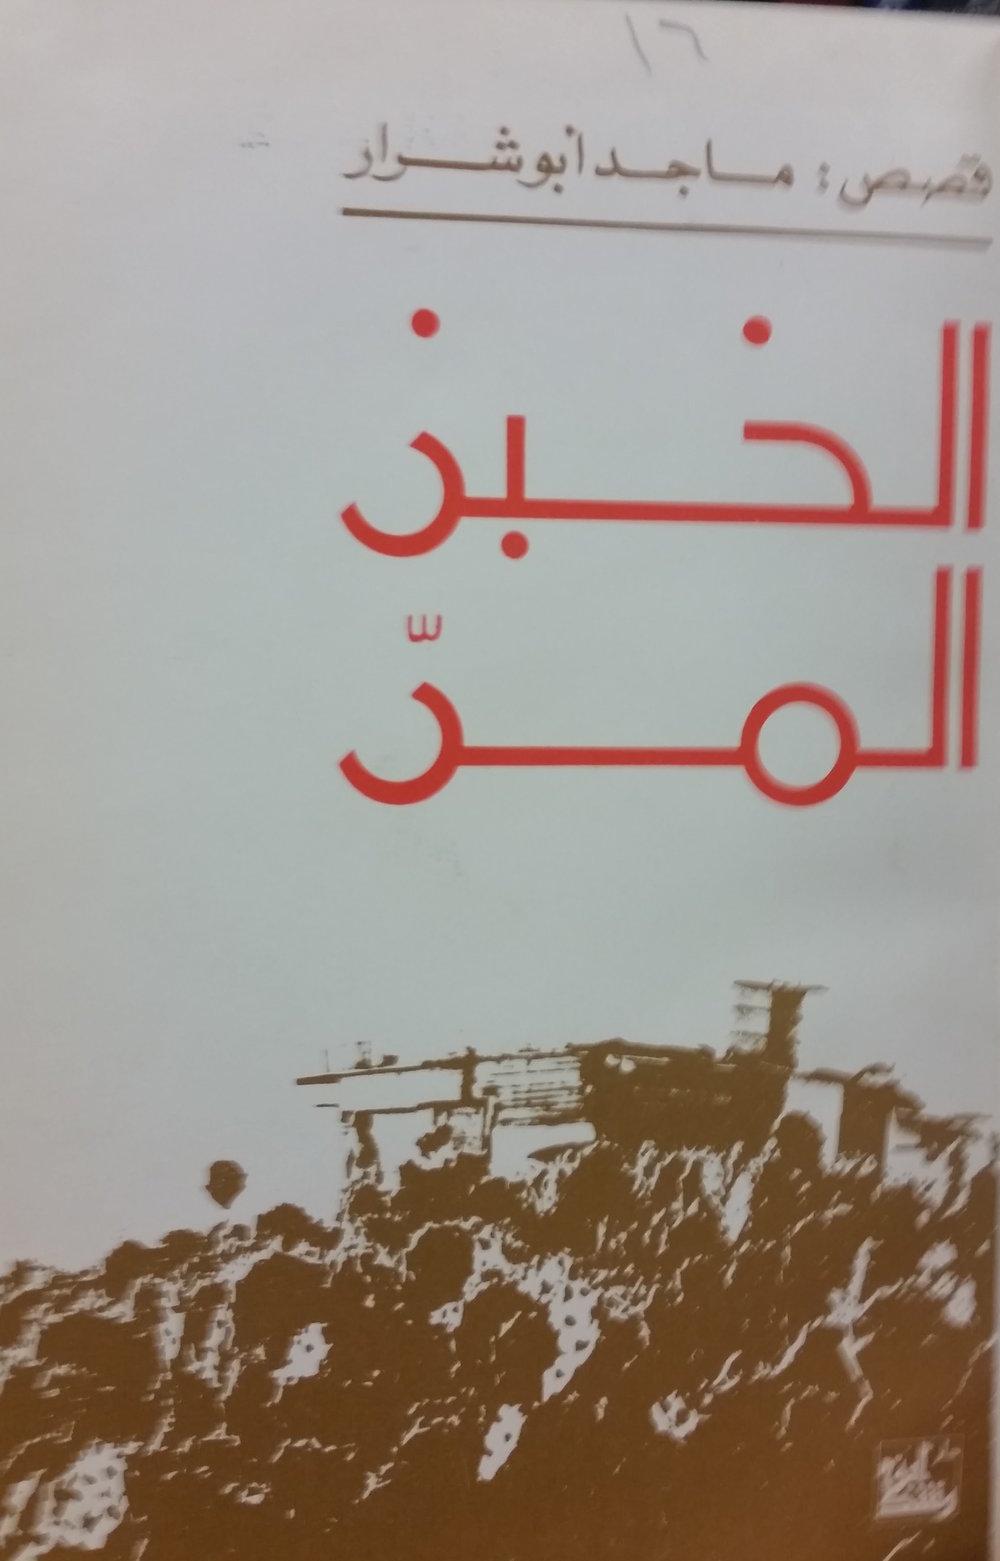 Mājid Abū Sharār([Bayrūt?]: Dār ibn Rushd li-l-Ṭibāʻah wa-l-Nashr, 1980)